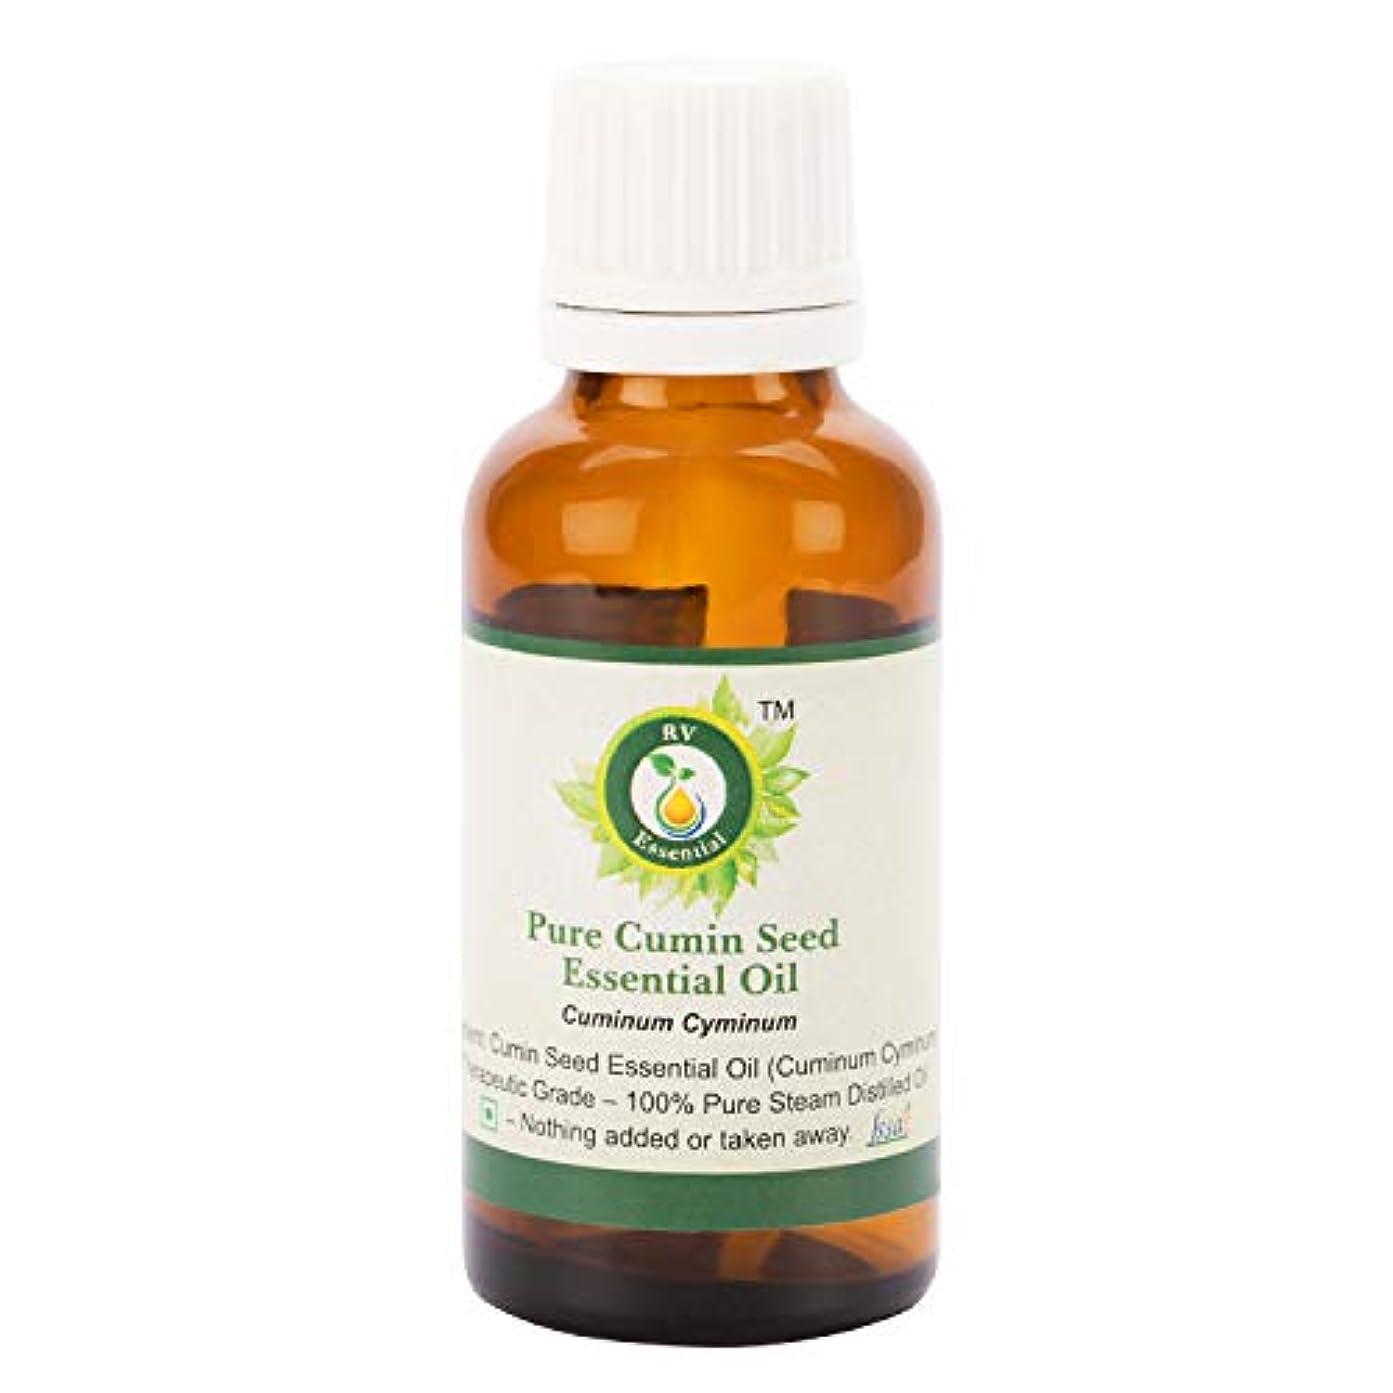 ヒロイック地中海感じるピュアクミンシードエッセンシャルオイル5ml (0.169oz)- Cuminum Cyminum (100%純粋&天然スチームDistilled) Pure Cumin Seed Essential Oil